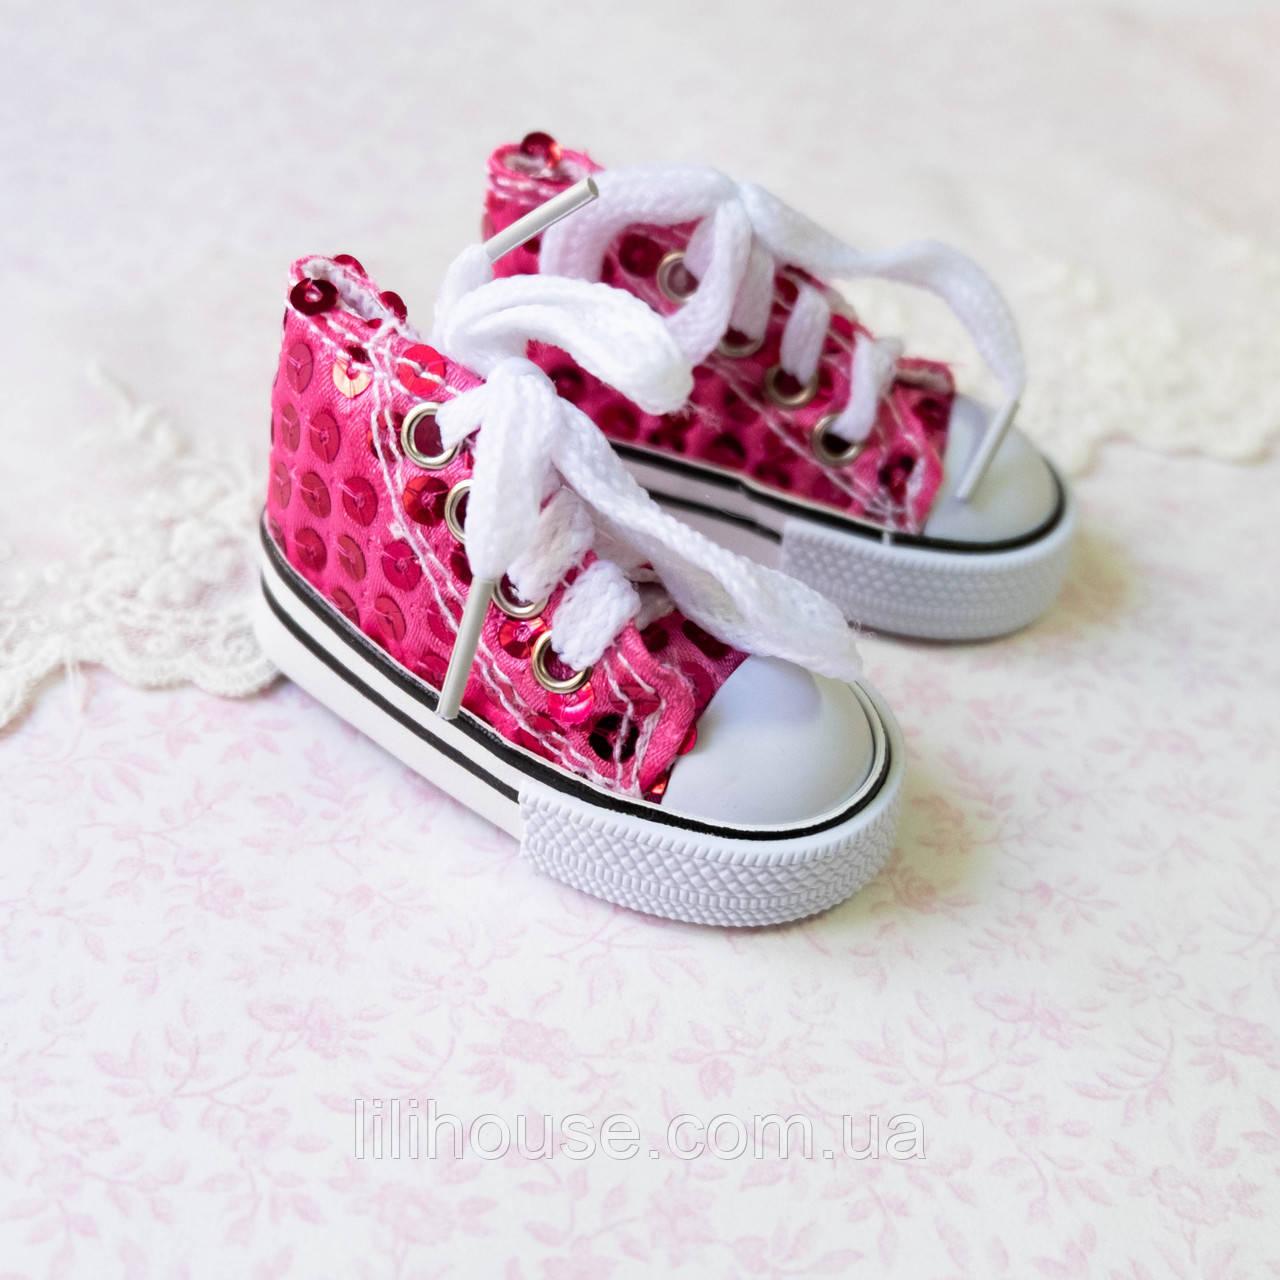 Обувь для Кукол Кеды на Шнуровке ПАЙЕТКИ 7*3 см ЯРКО-РОЗОВЫЕ